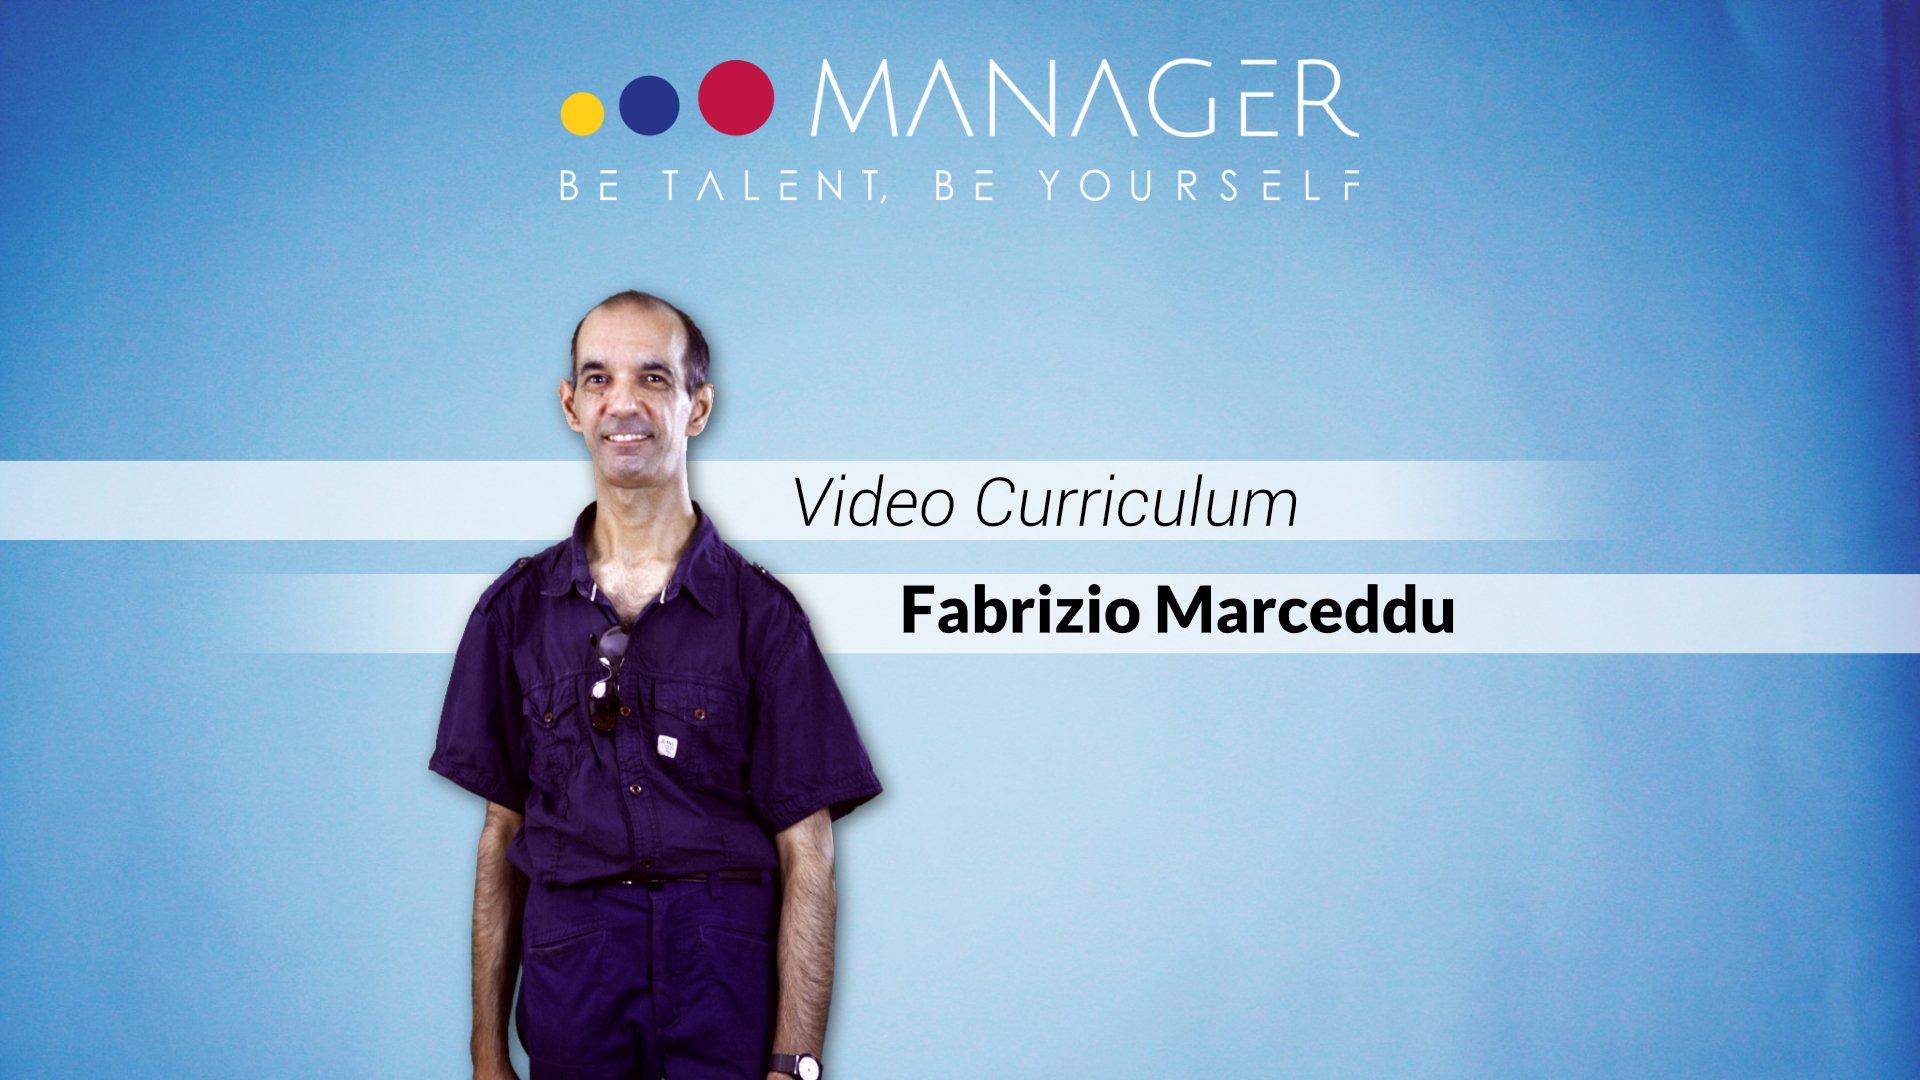 Fabrizio Marceddu